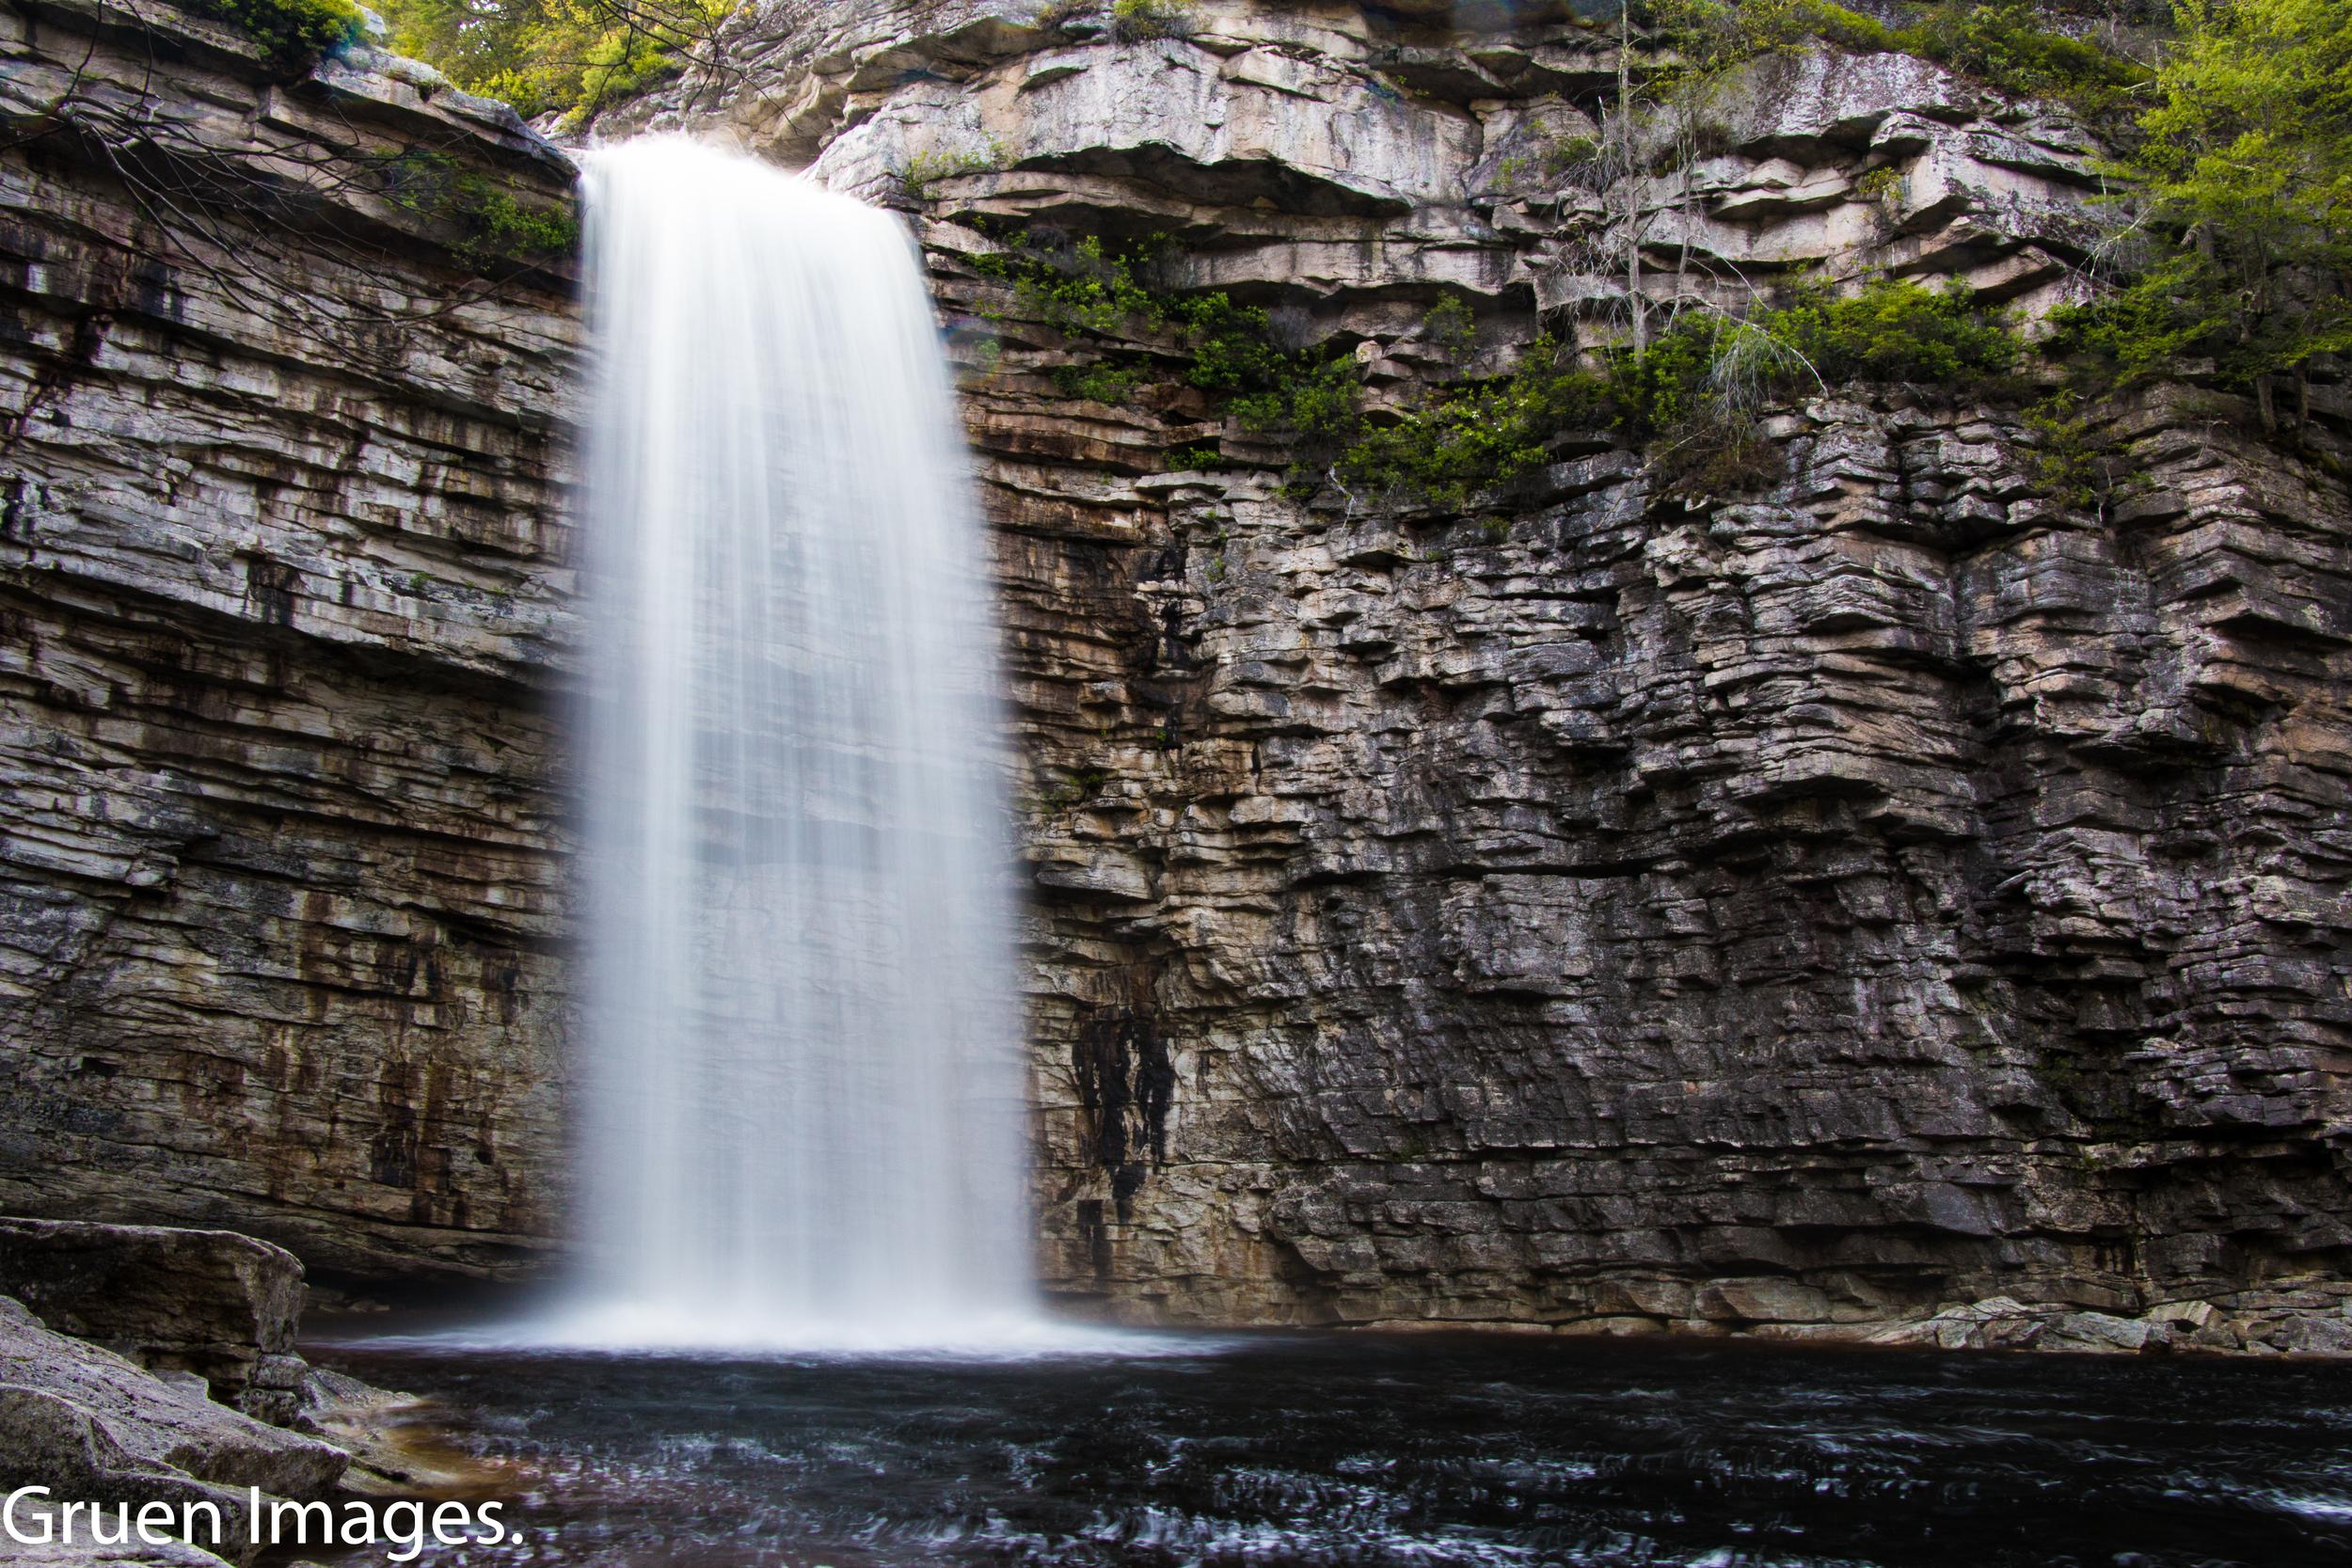 Minnewaska State Park Waterfall